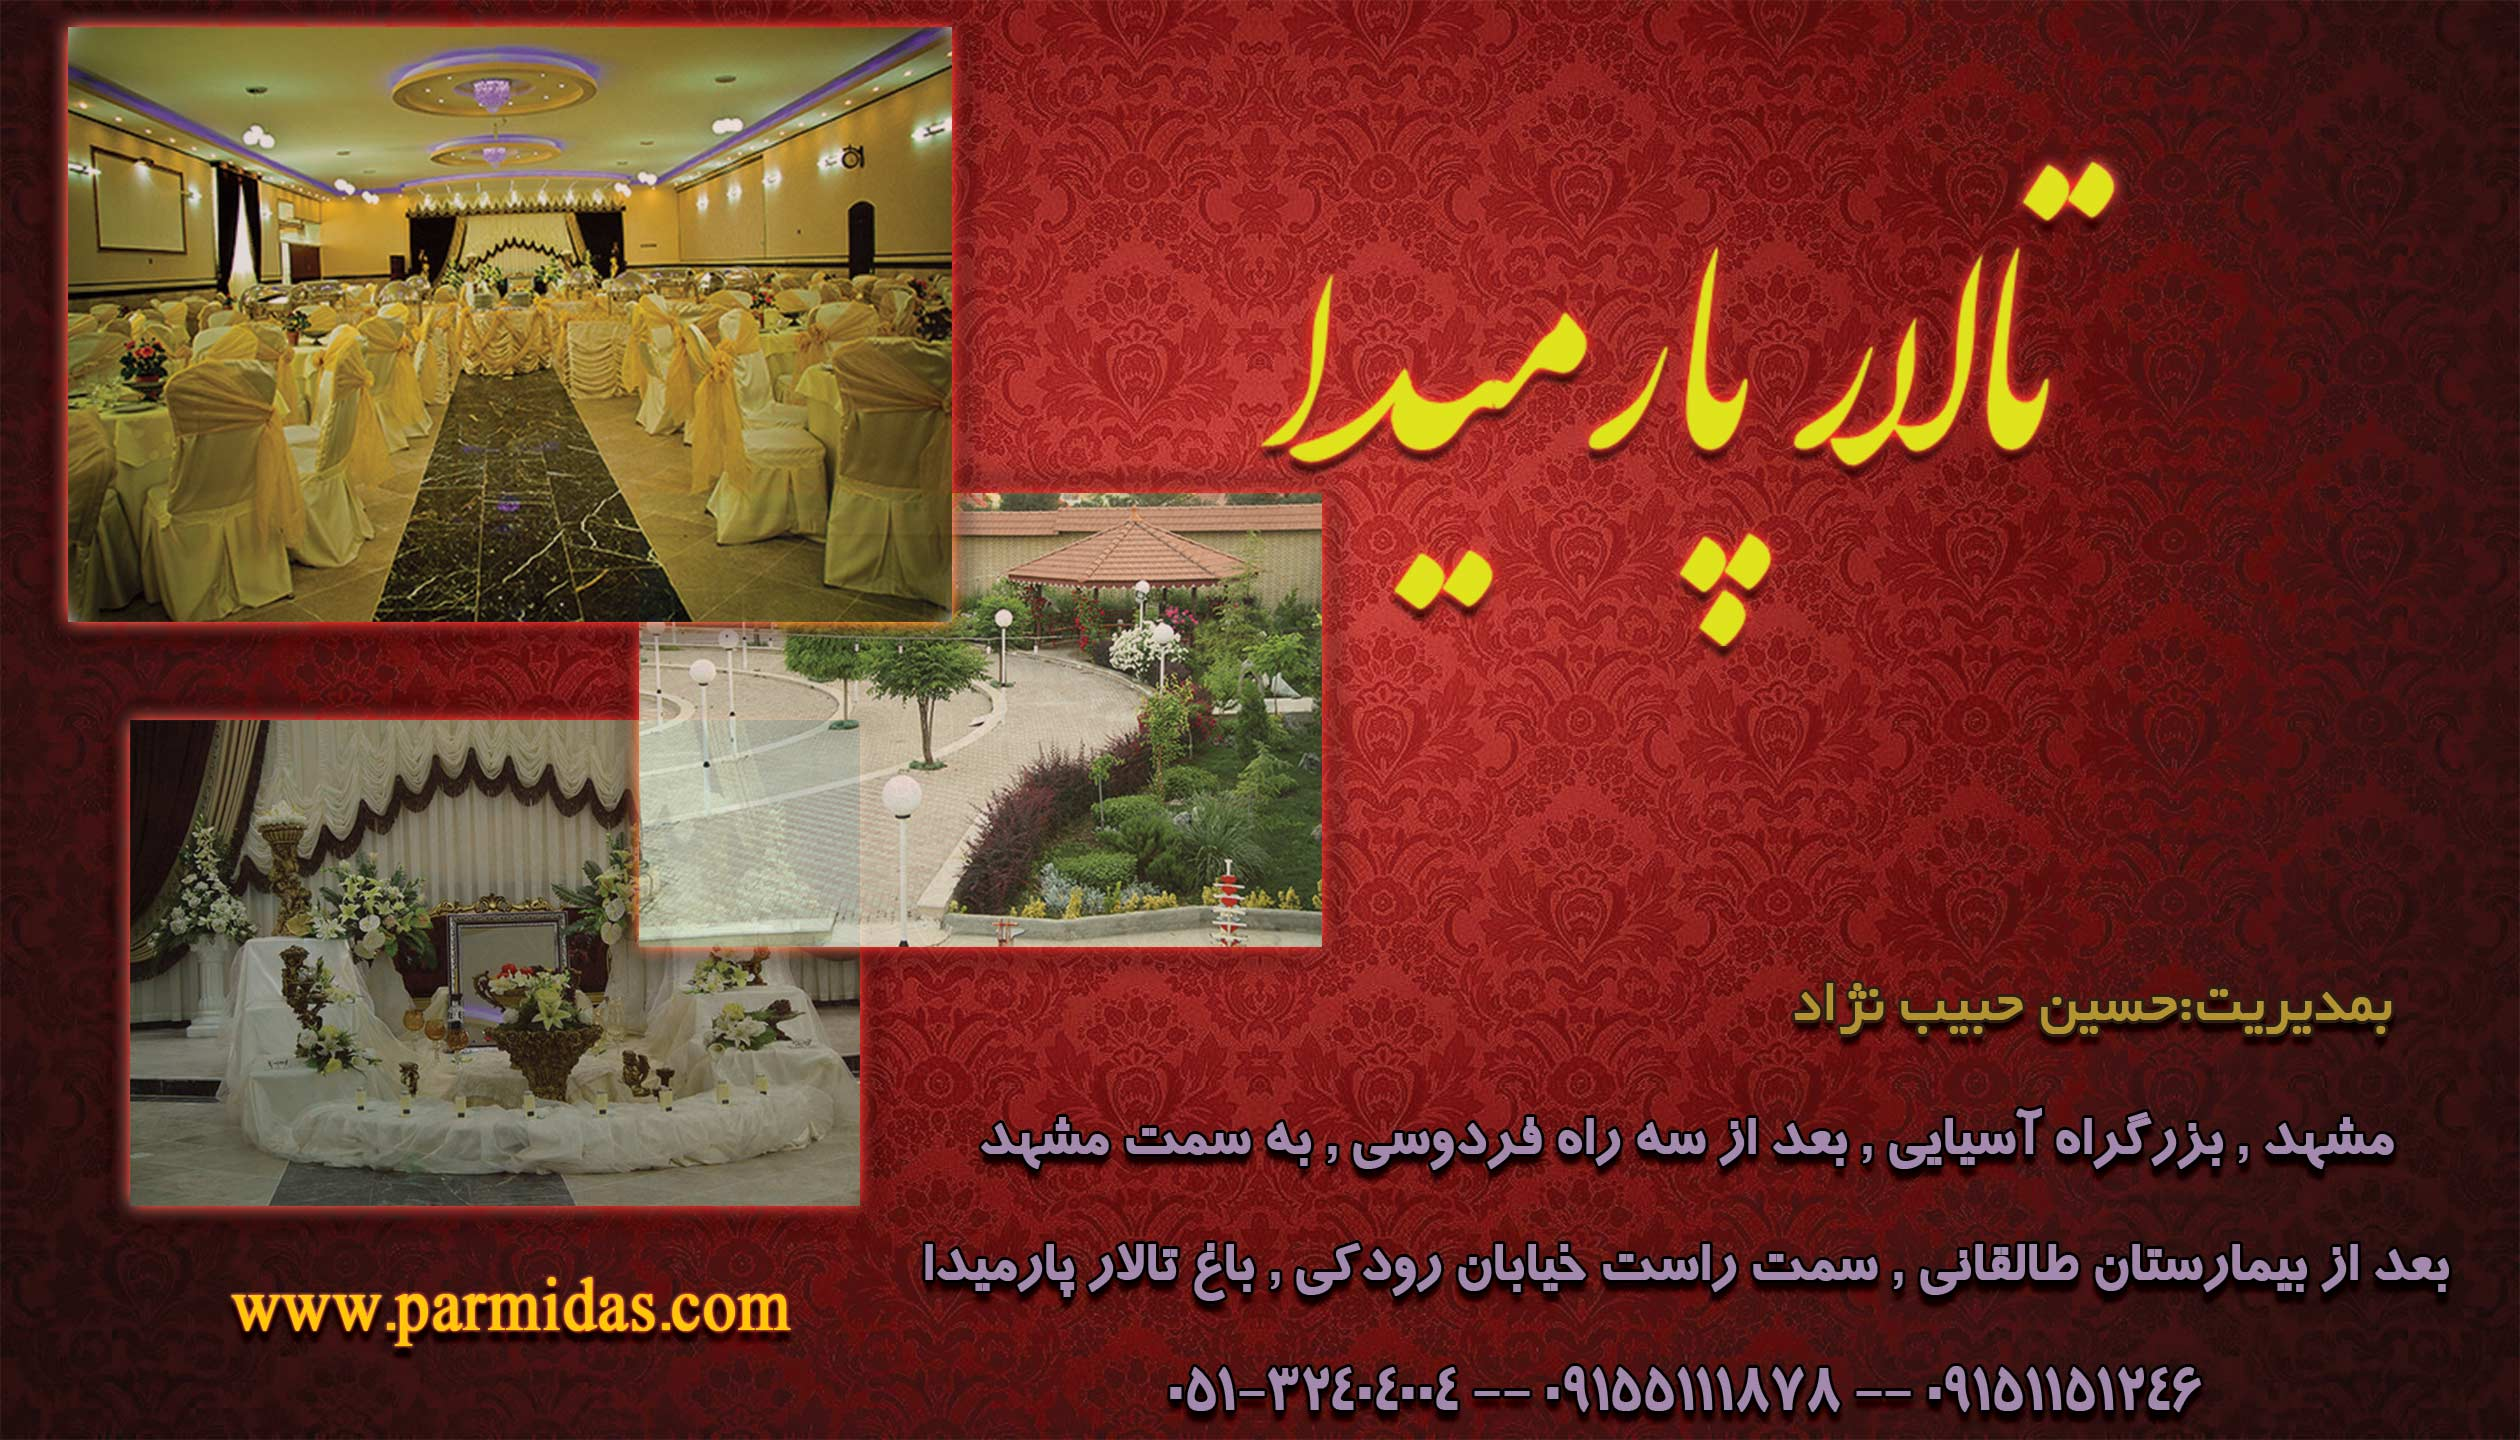 تالار پارمیدا در مشهد